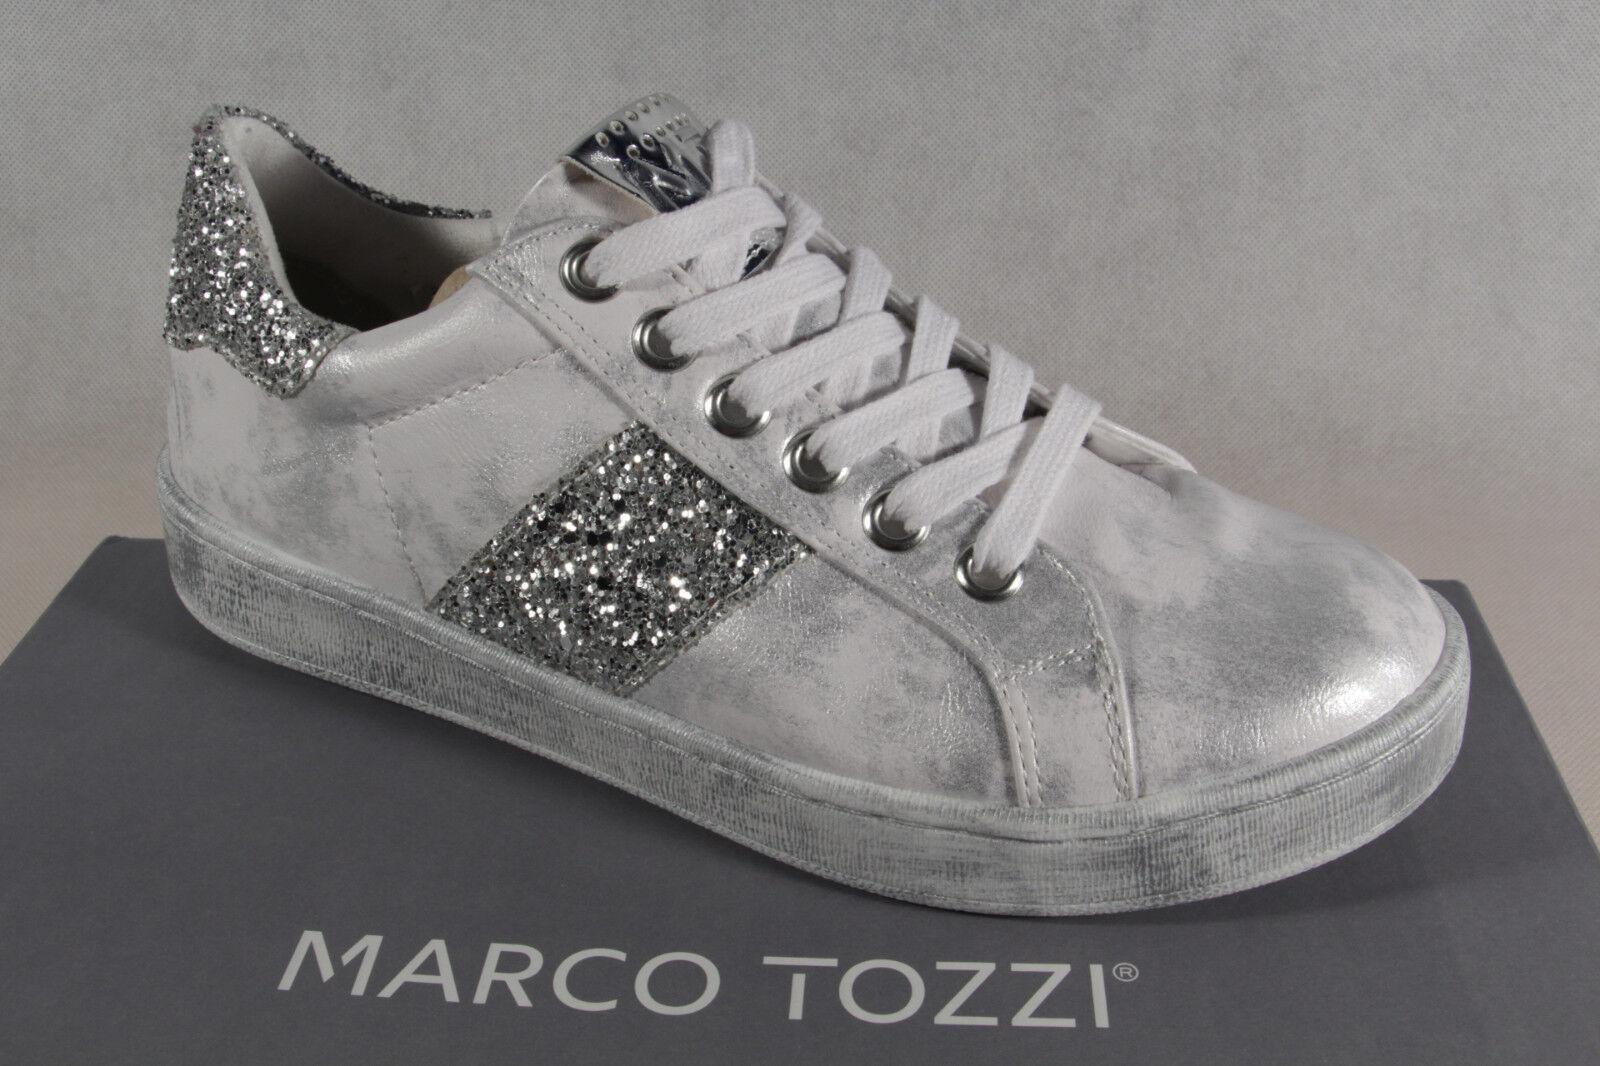 Cómodo y bien parecido Descuento por tiempo limitado Marco Tozzi Zapatos De Cordones Zapatilla deporte Bajas Blanco/PLATA 23737 NUEVO